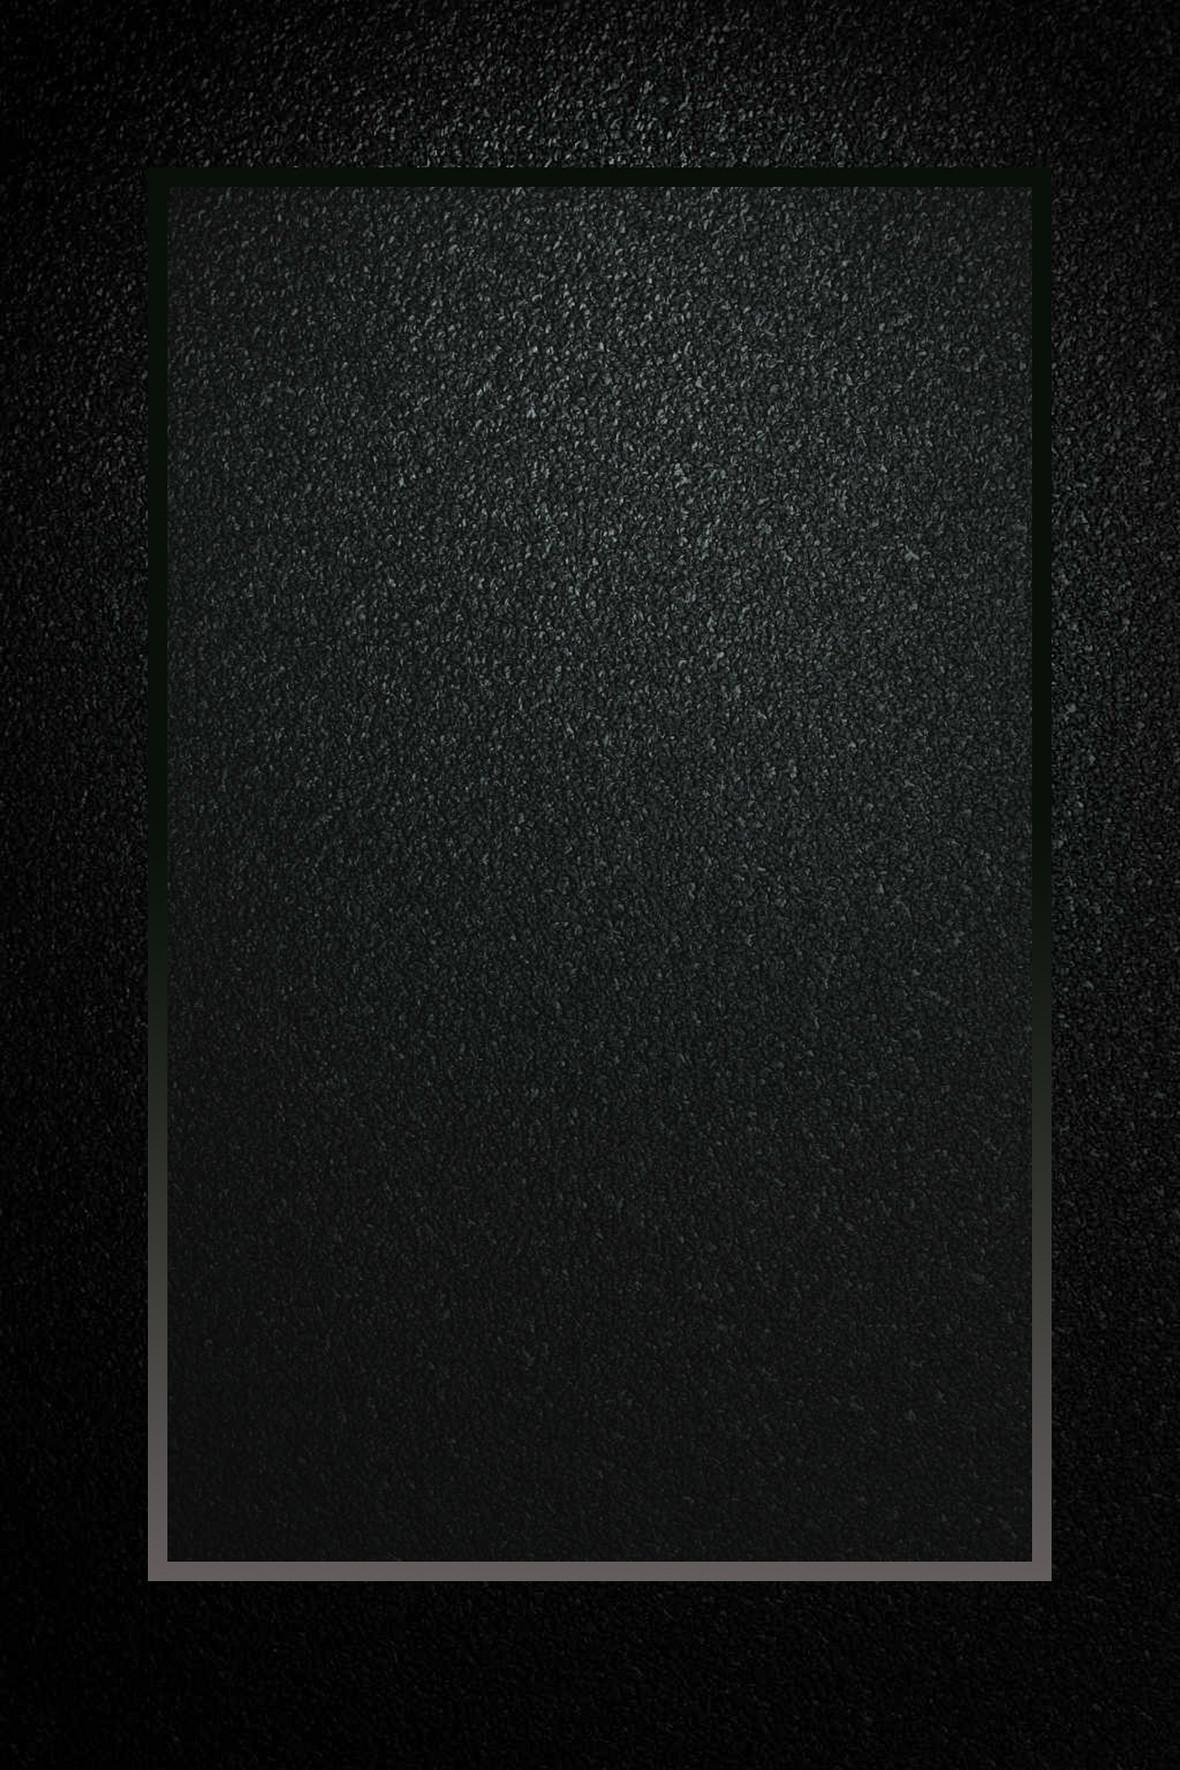 黑色简约边框磨砂肌理底纹背景素材